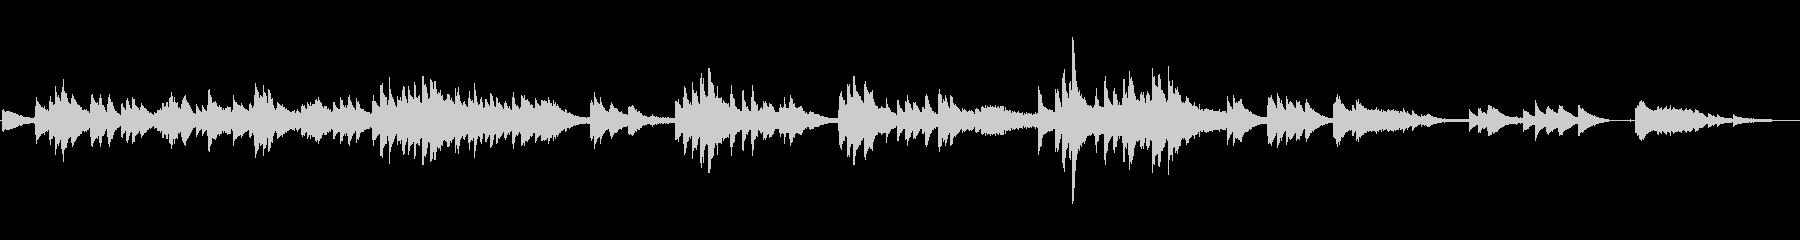 ダニーボーイの不思議なピアノソロアレンジの未再生の波形